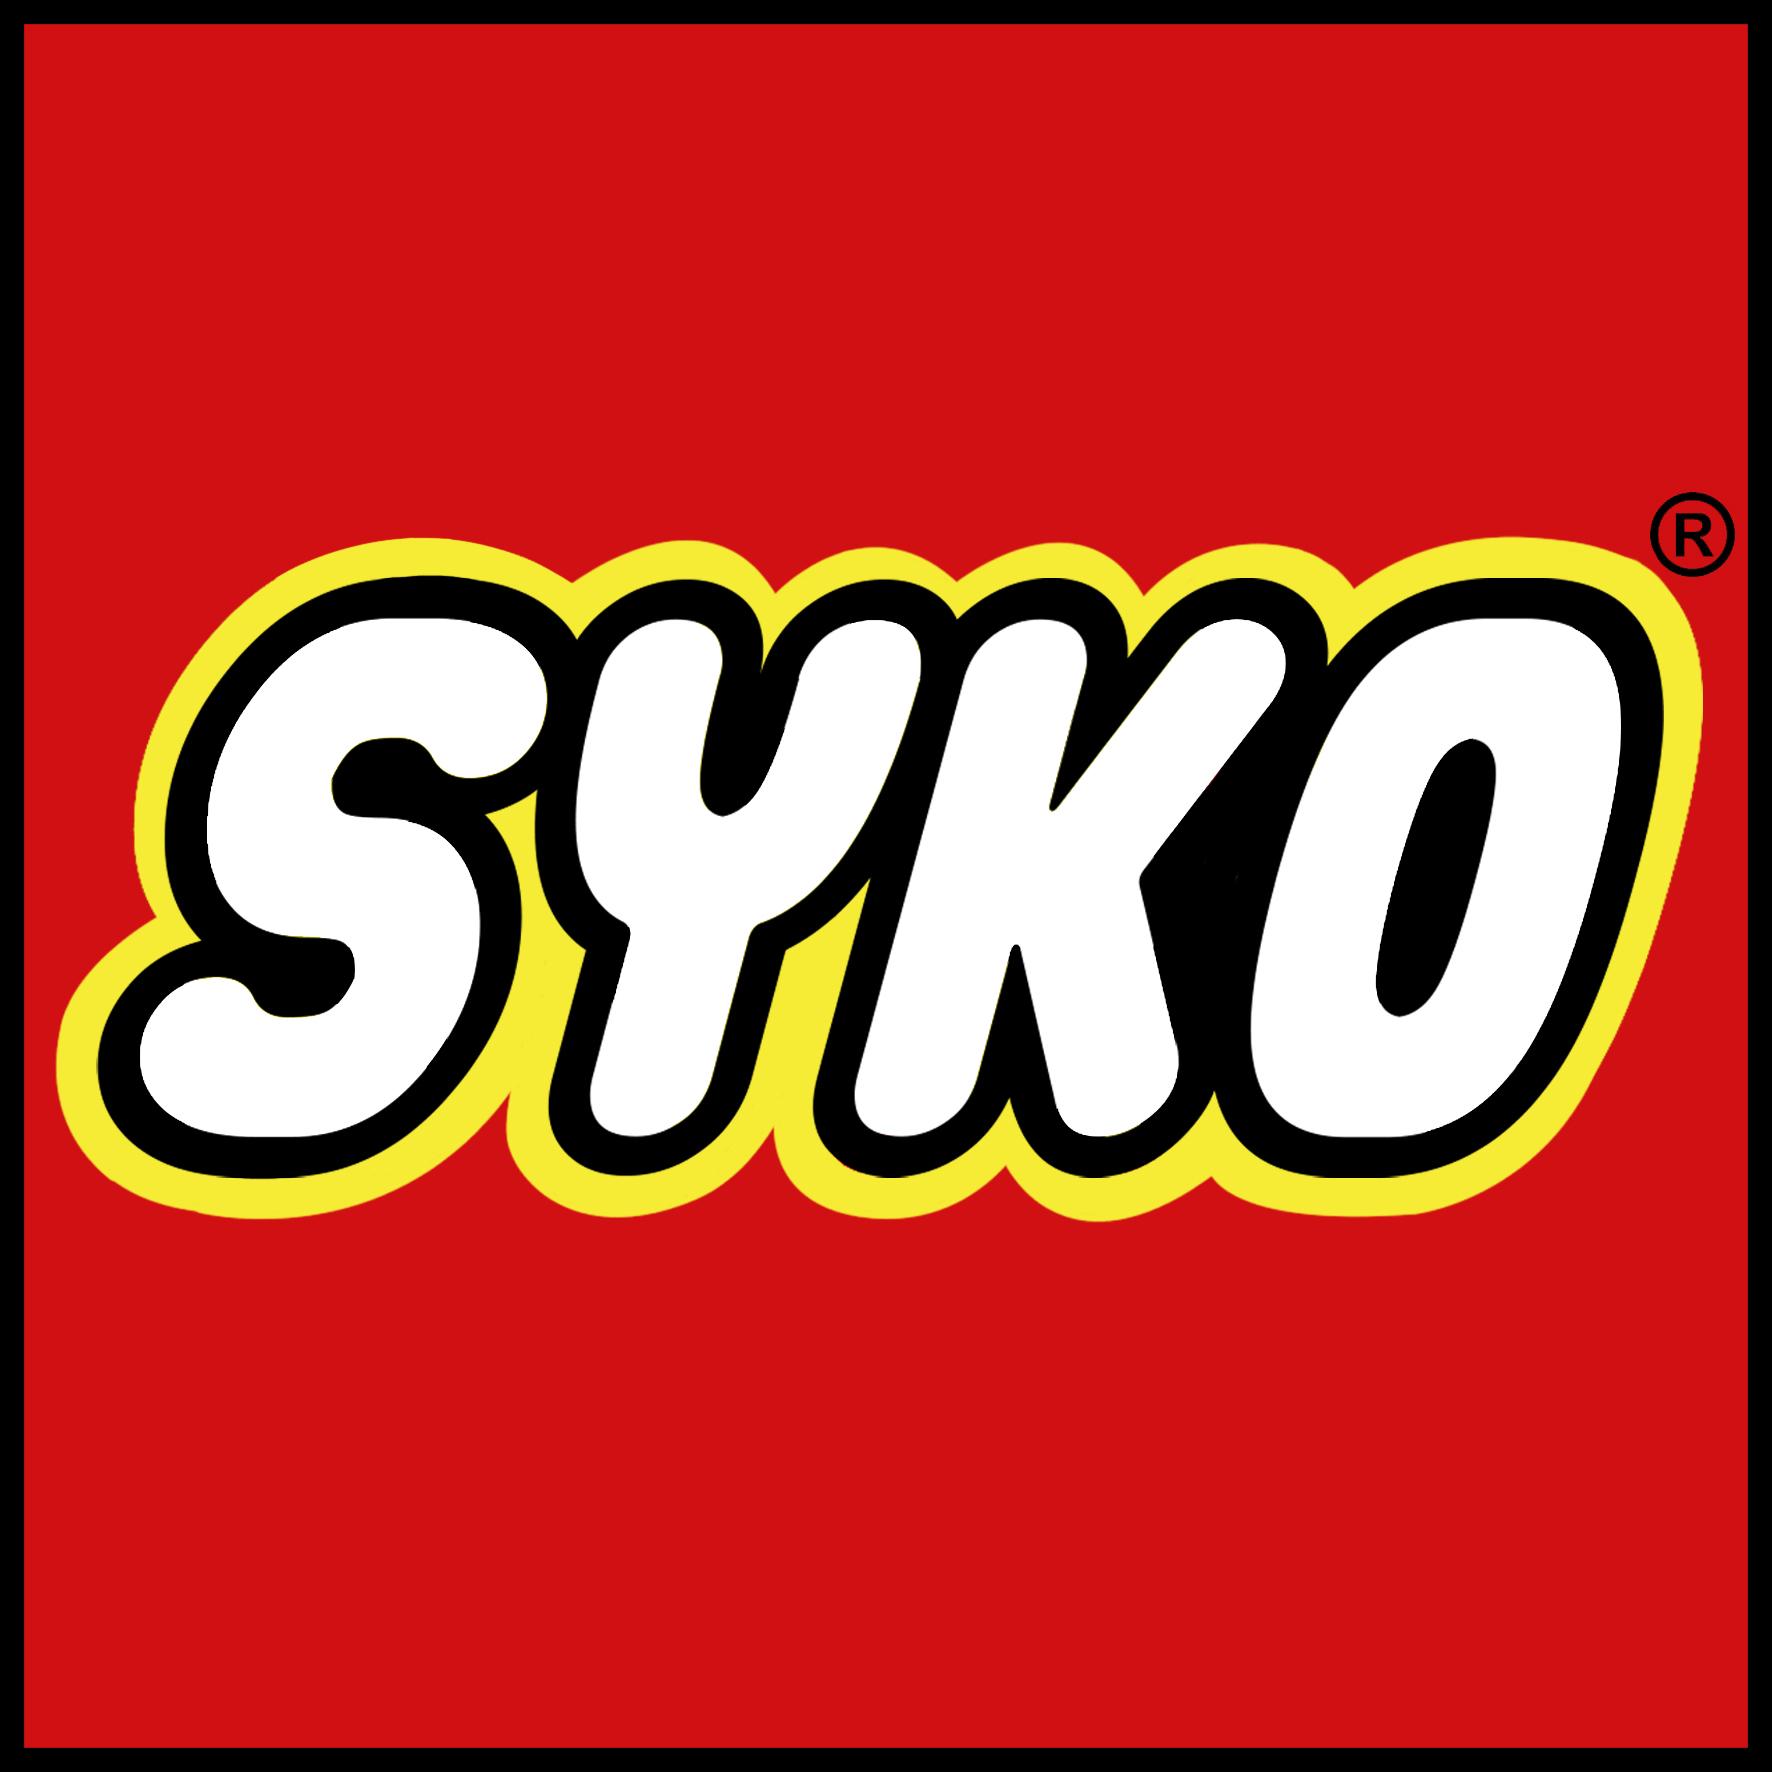 SYKO.jpg